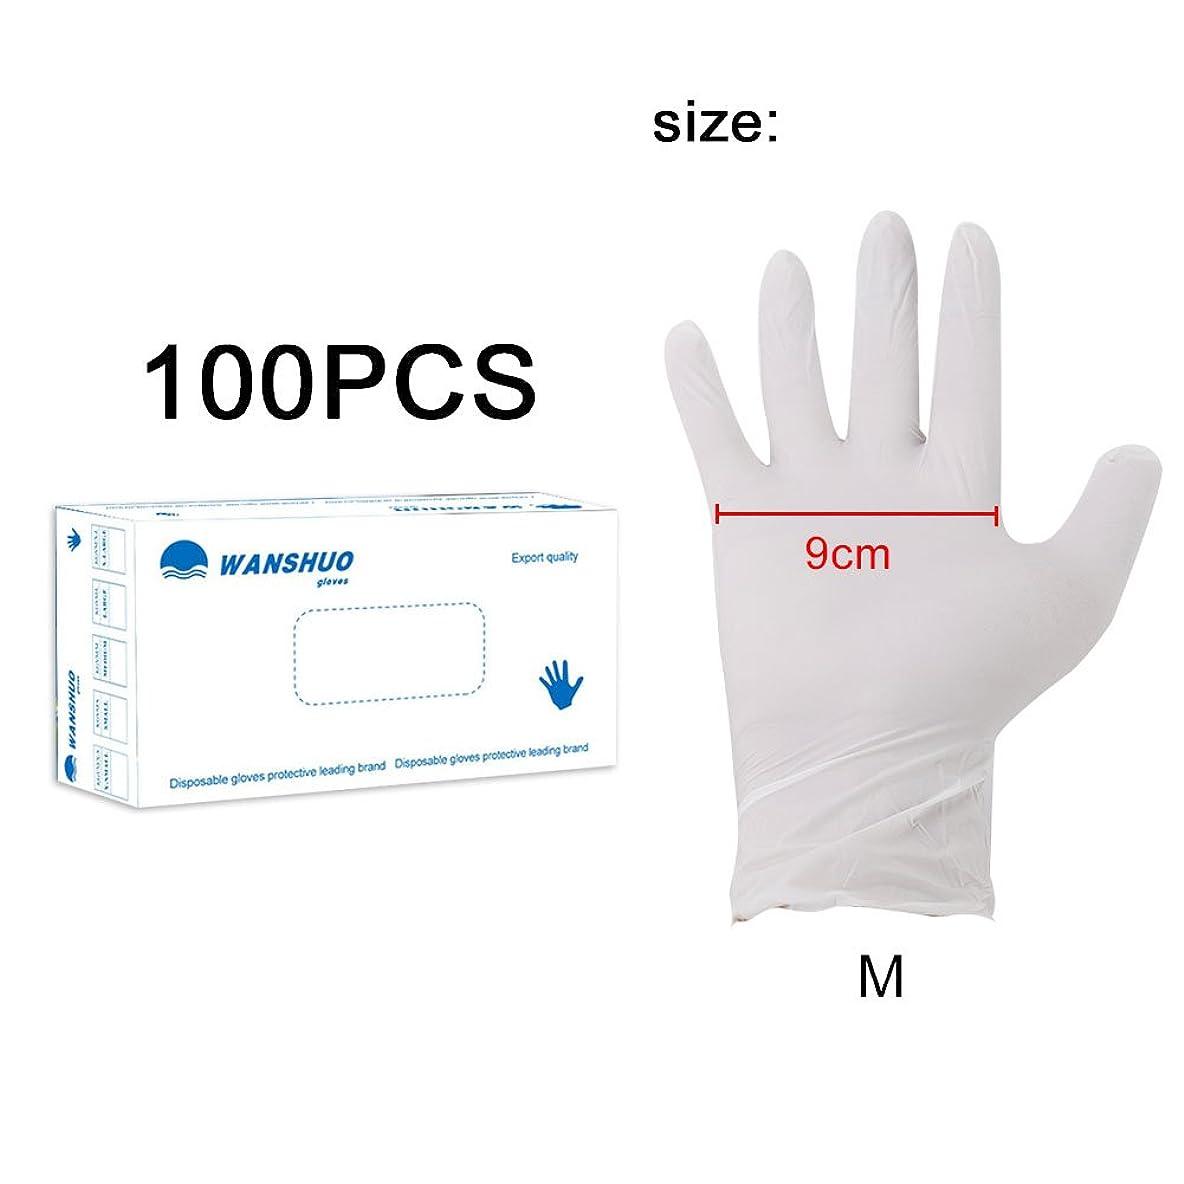 パース慎重に帝国使い捨て手袋 ニトリルグローブ ホワイト 粉なし 化学保護/酸/アルカリ/耐油性/防水 S/M/L選択可 100枚 左右兼用 作業手袋(M)